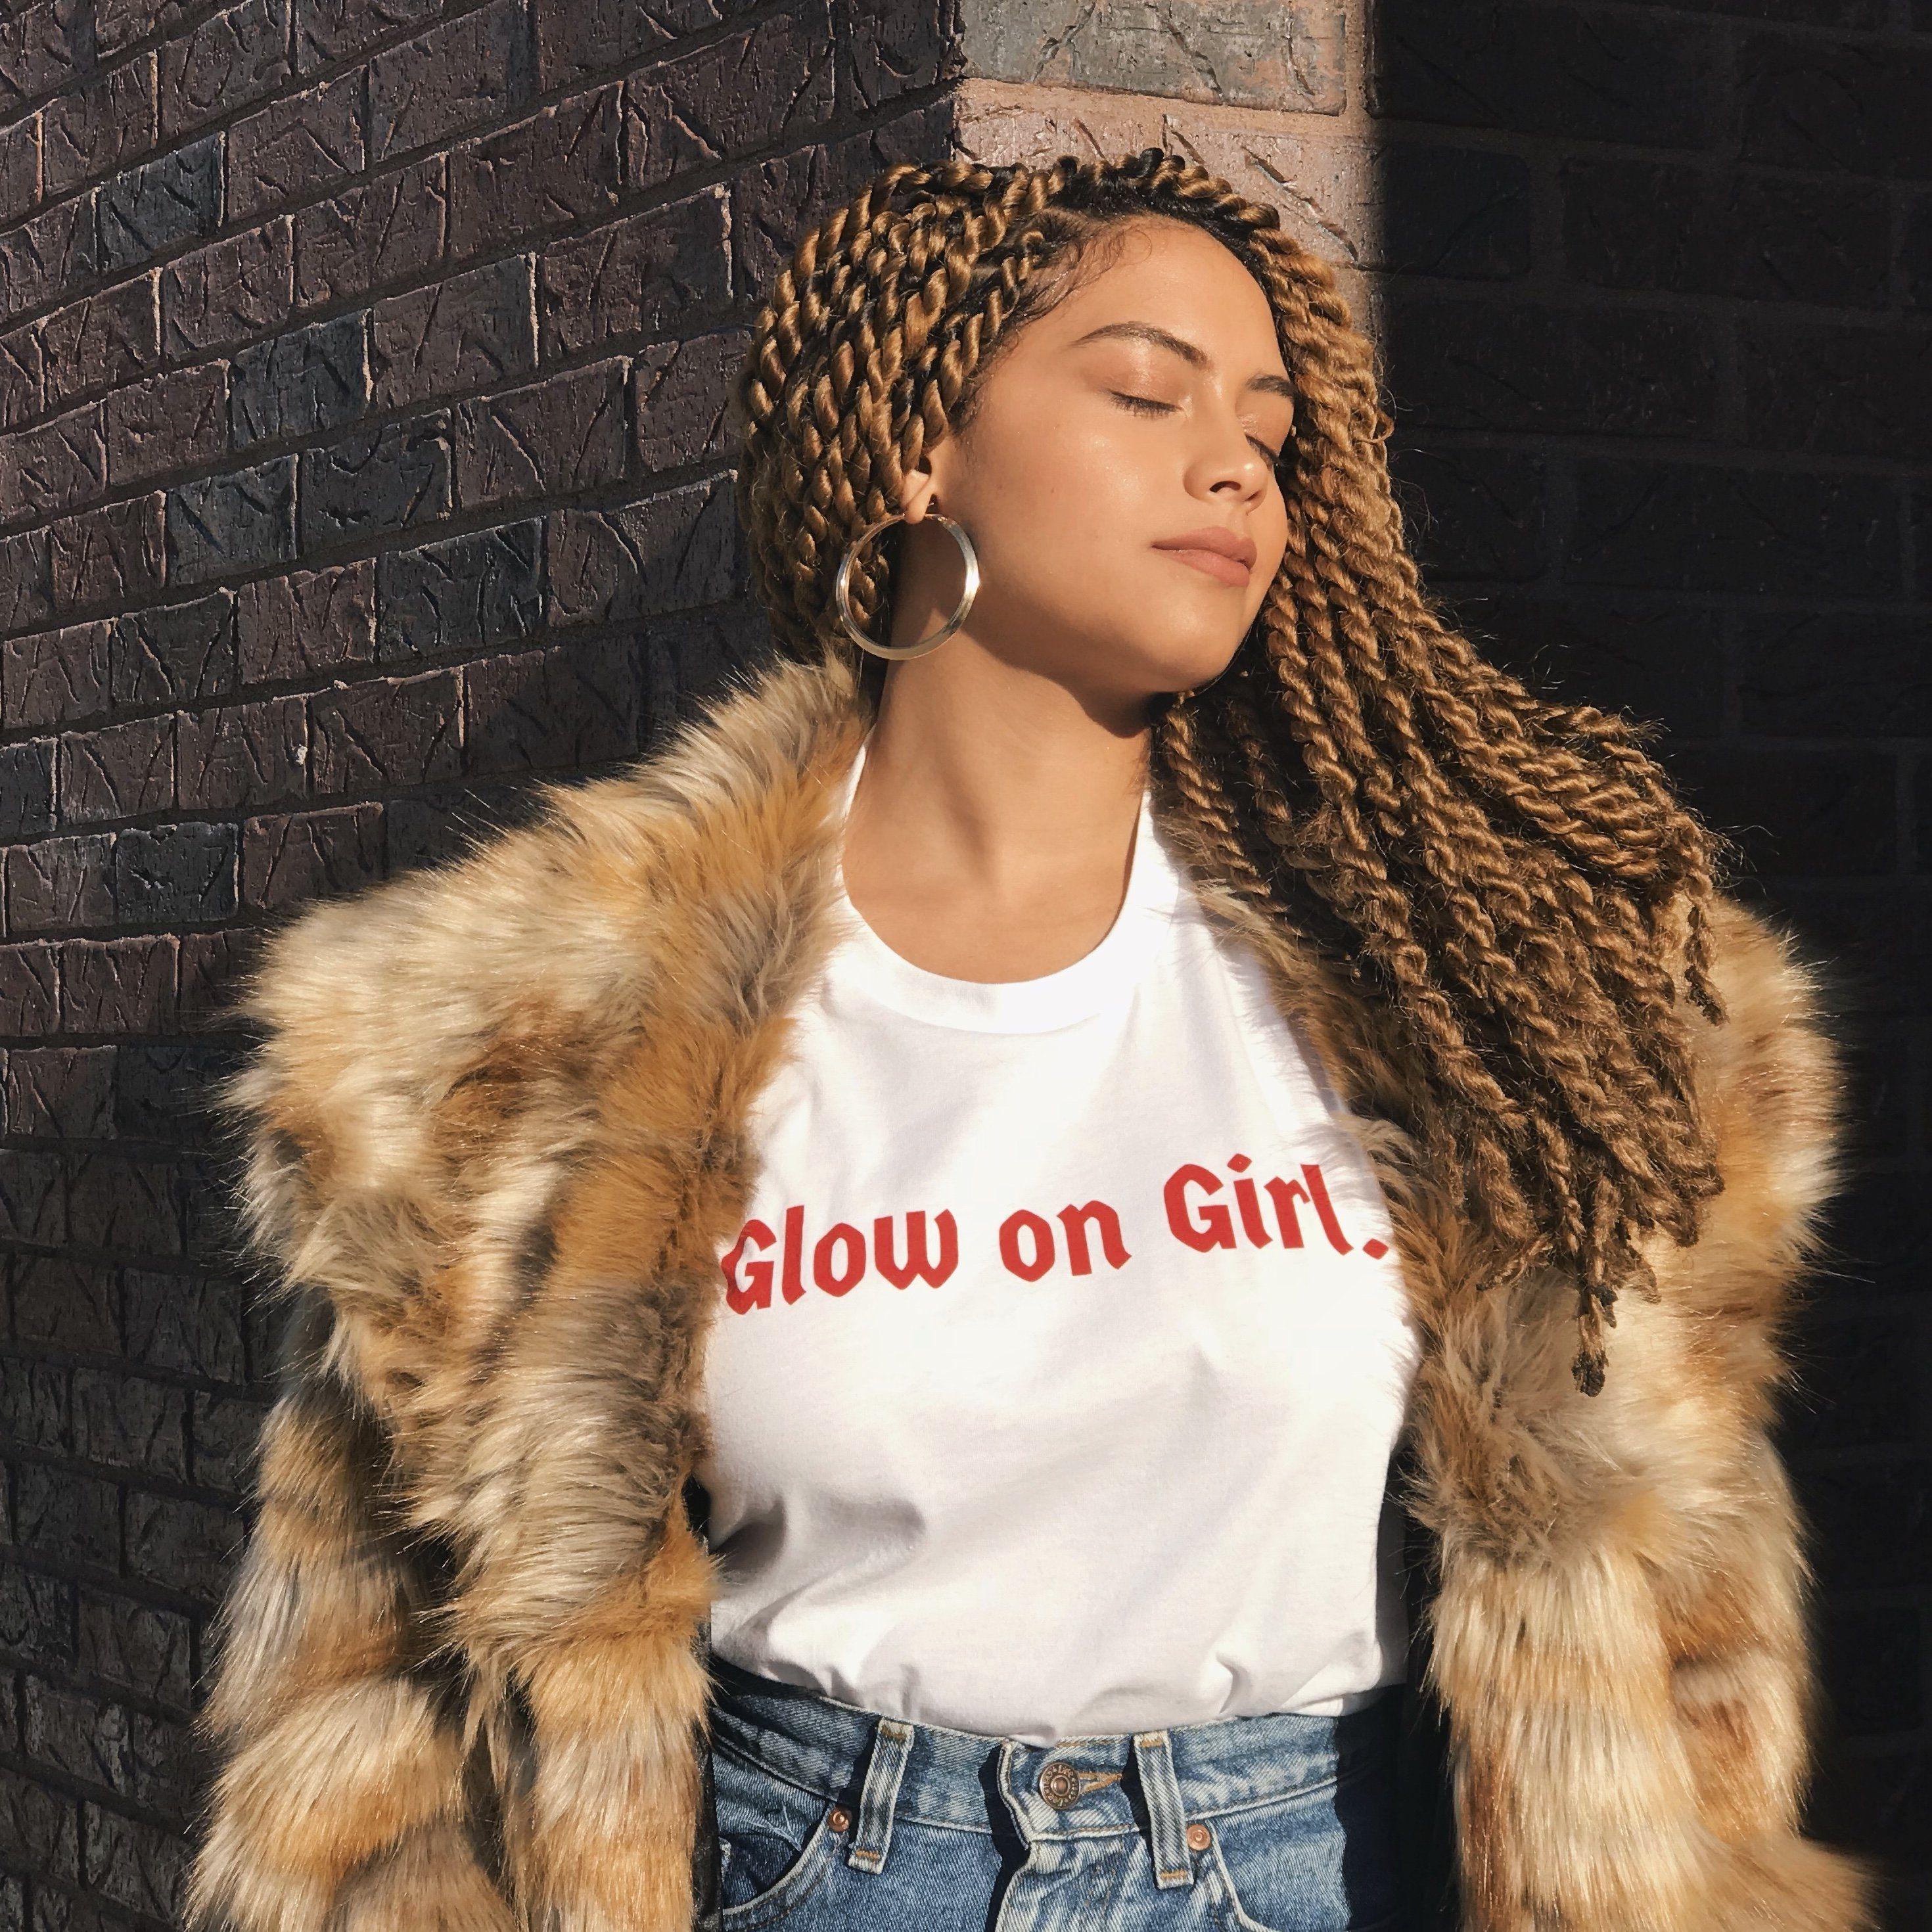 Glow on Girl - T-Shirt